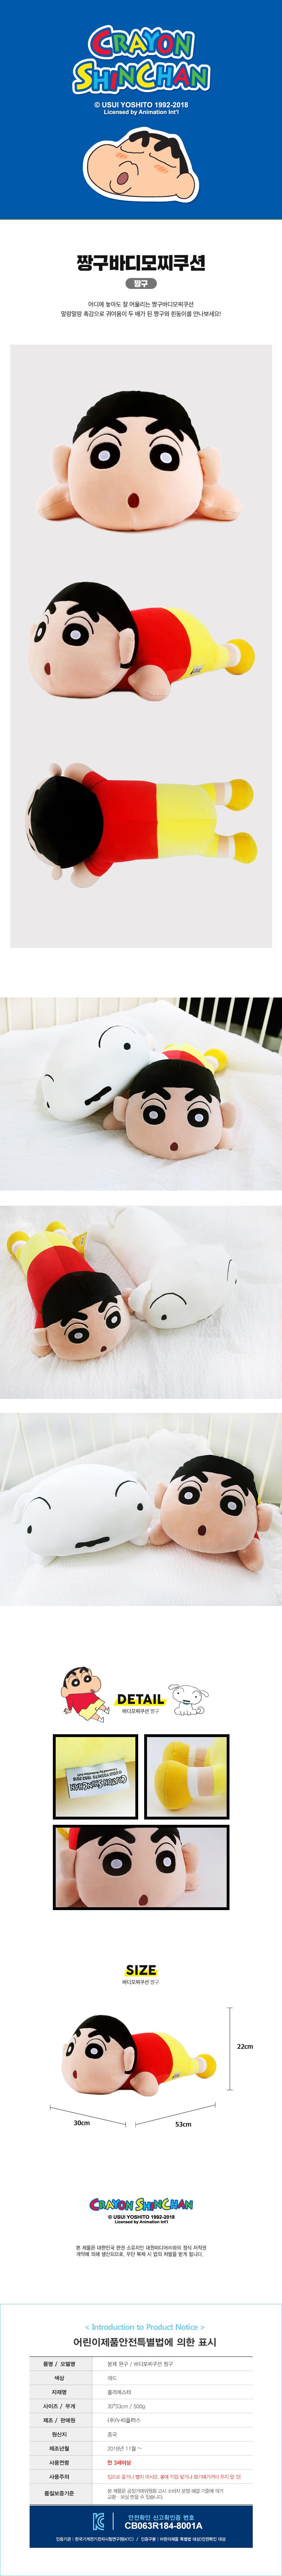 짱구 바디모찌쿠션-짱구 - 누리토이즈, 21,000원, 캐릭터인형, 게임/애니메이션